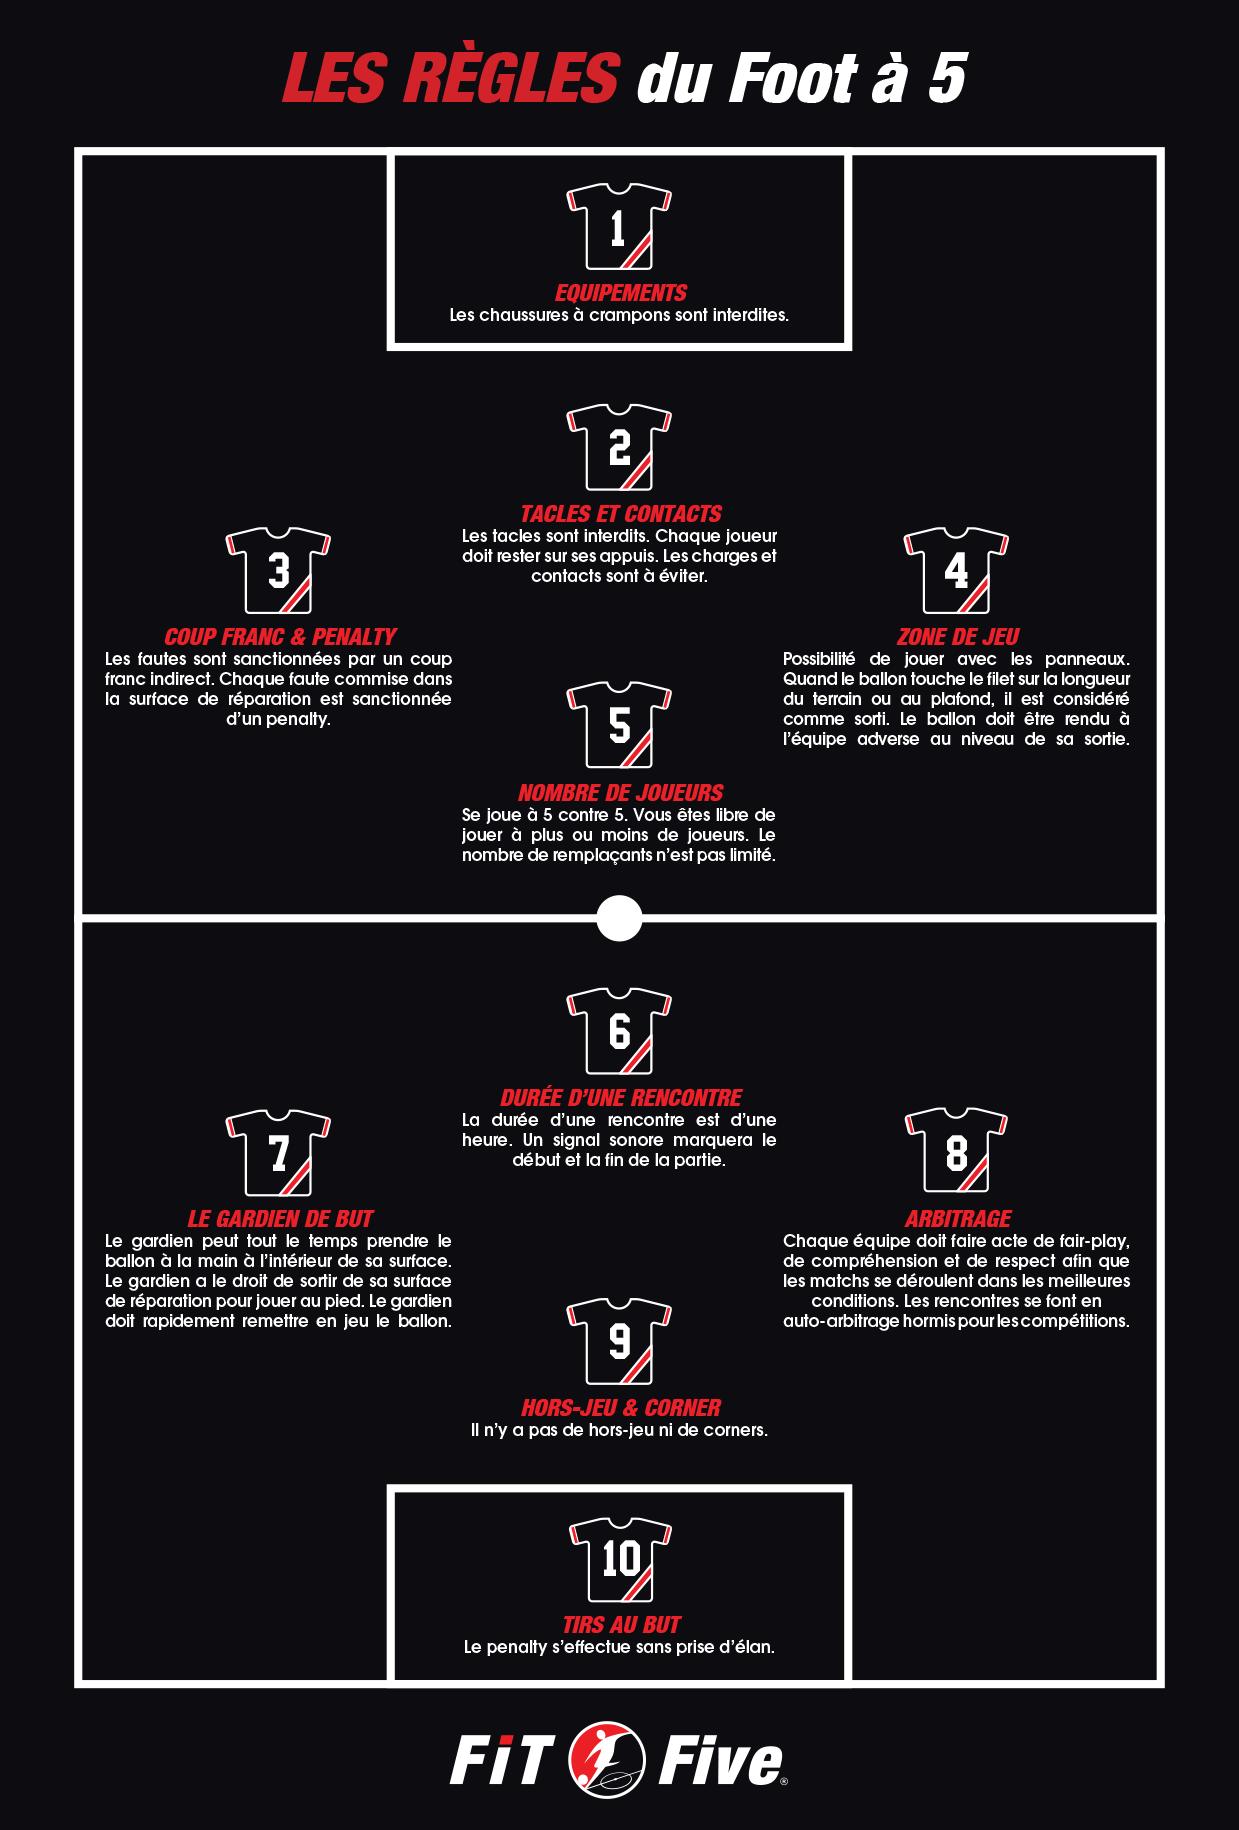 Les règles du foot à 5